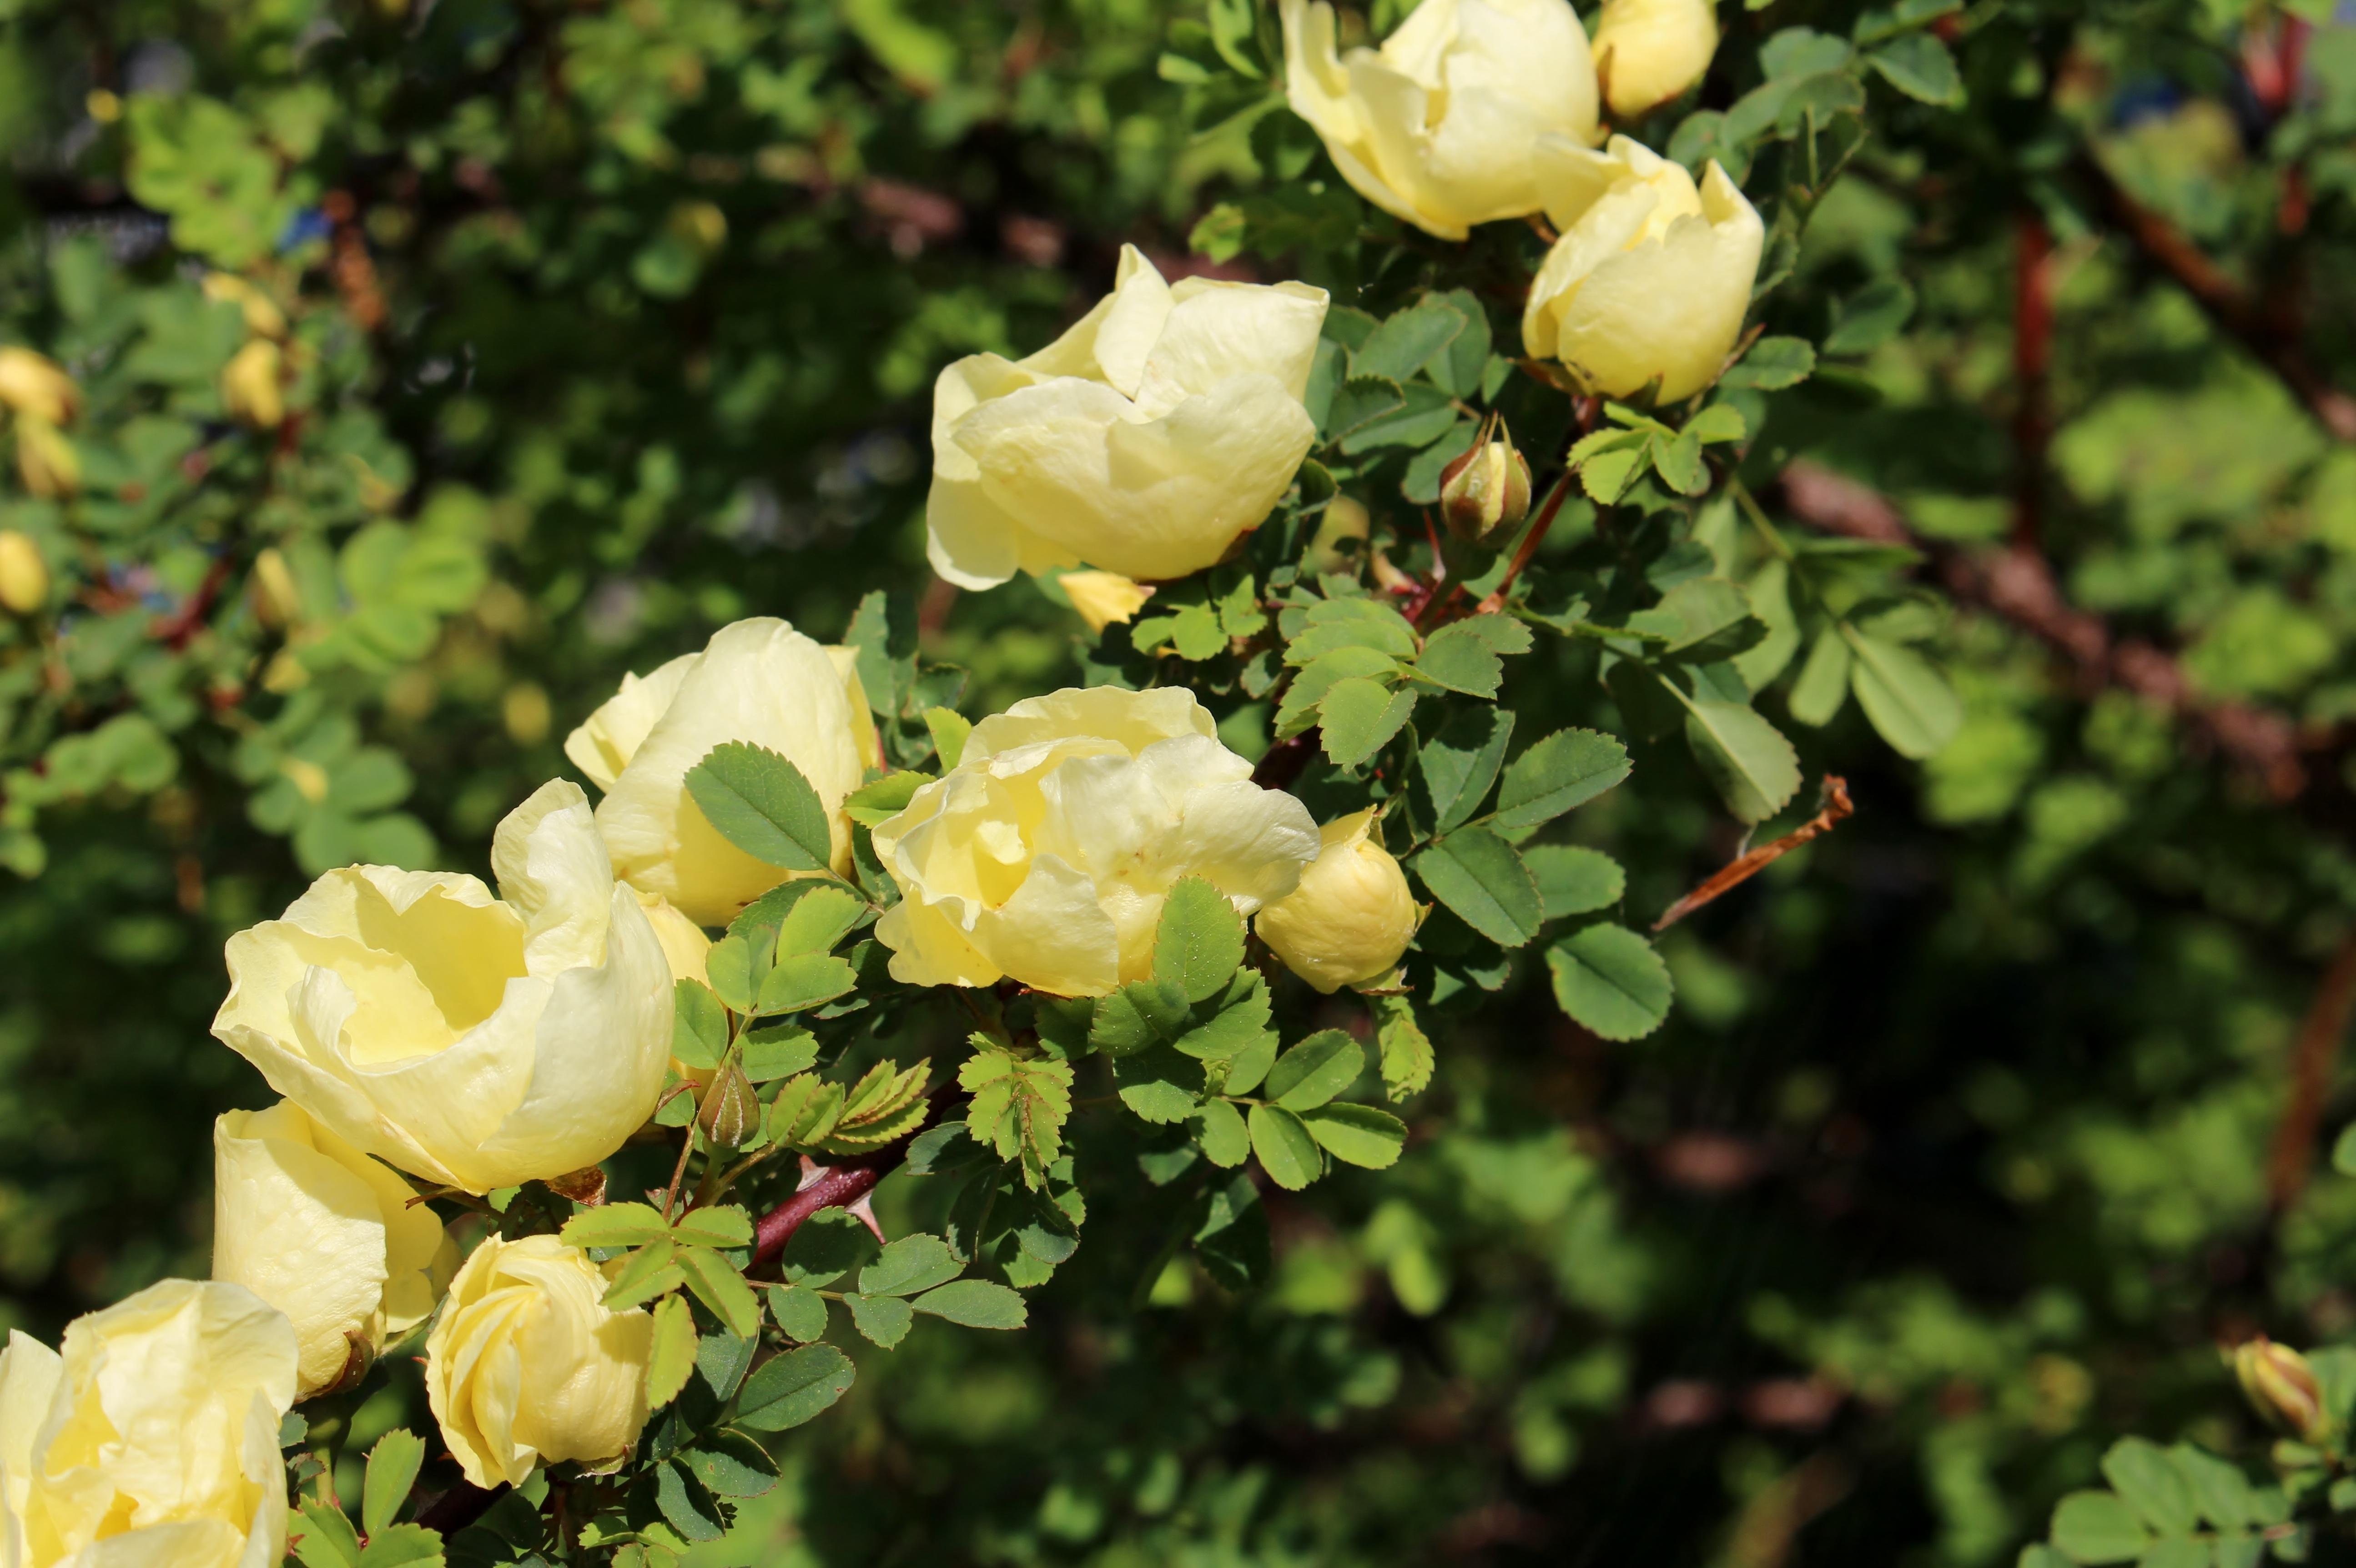 любом шиповник желтый фото дамасской розой, алой